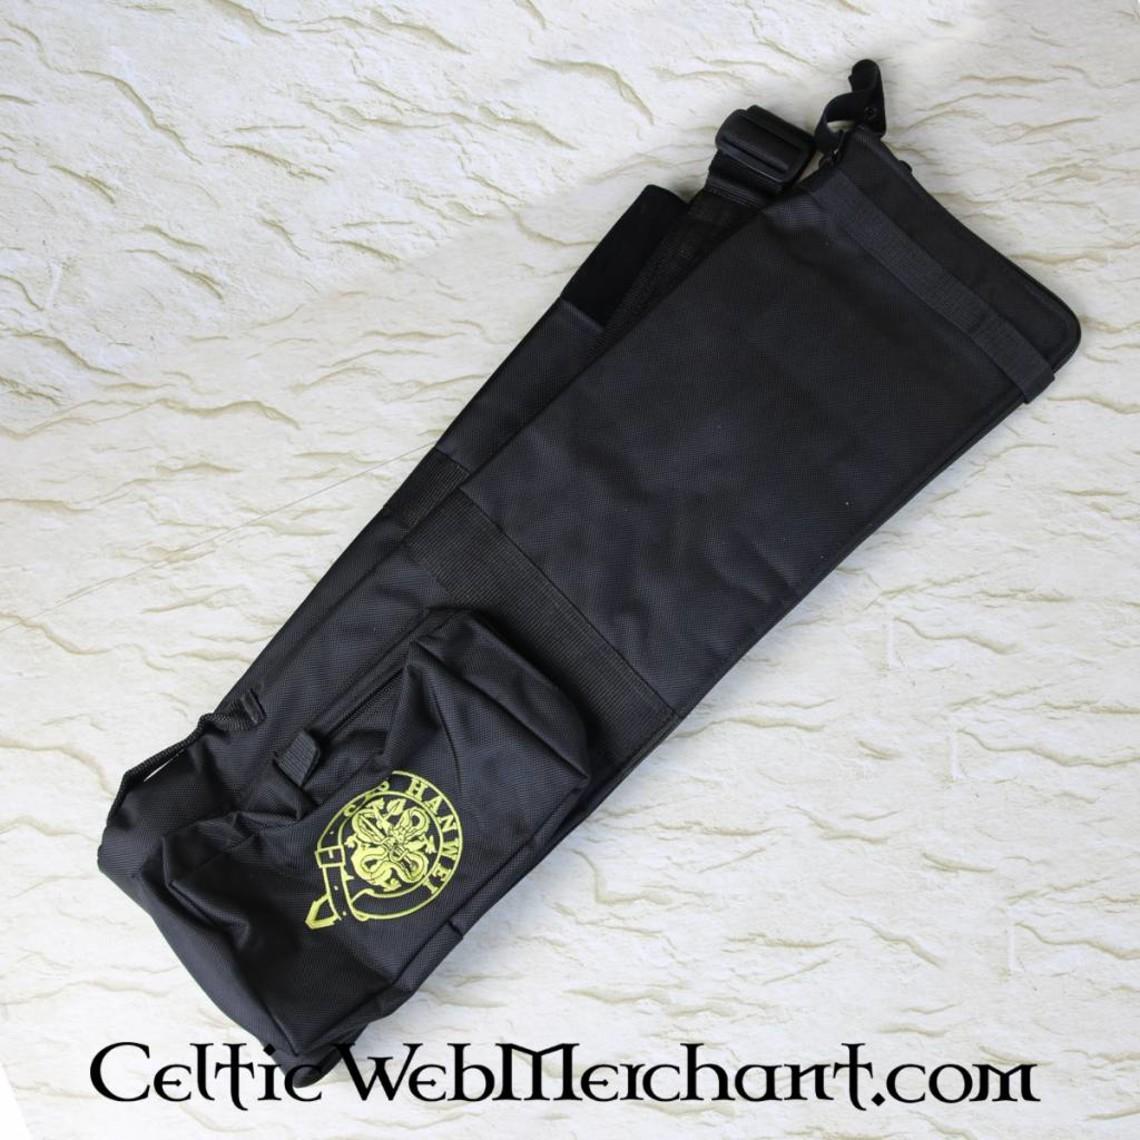 Hanwei Hanwei Sword tas voor twee zwaarden